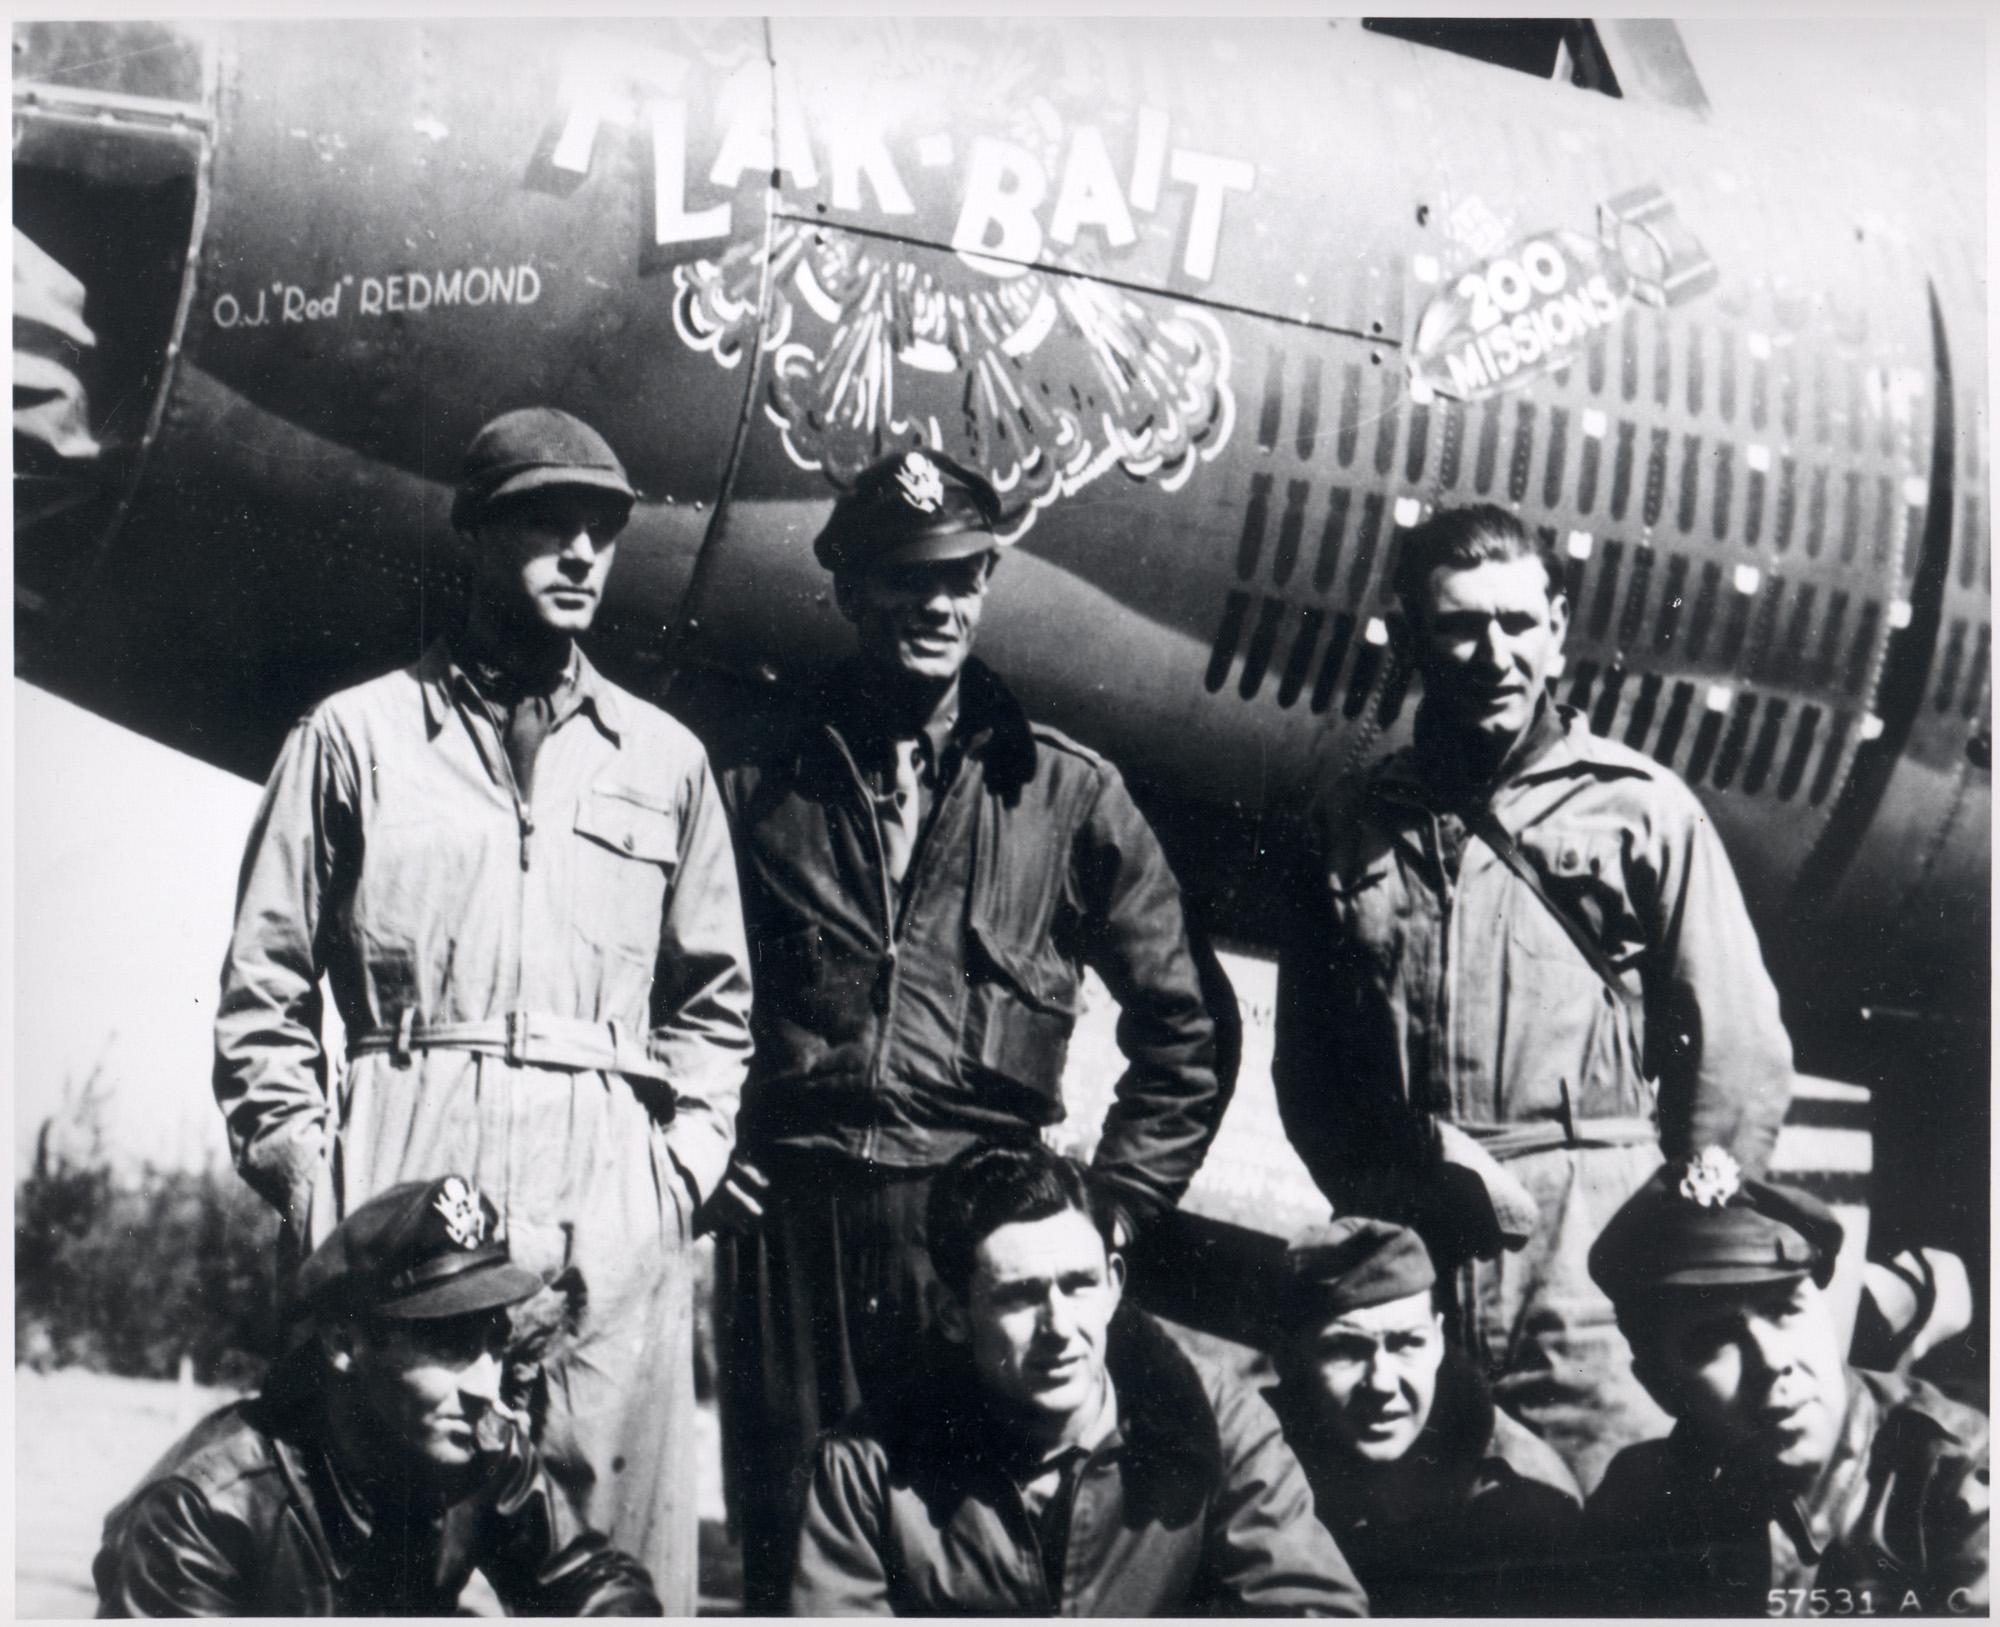 Flak-Bait's Crew